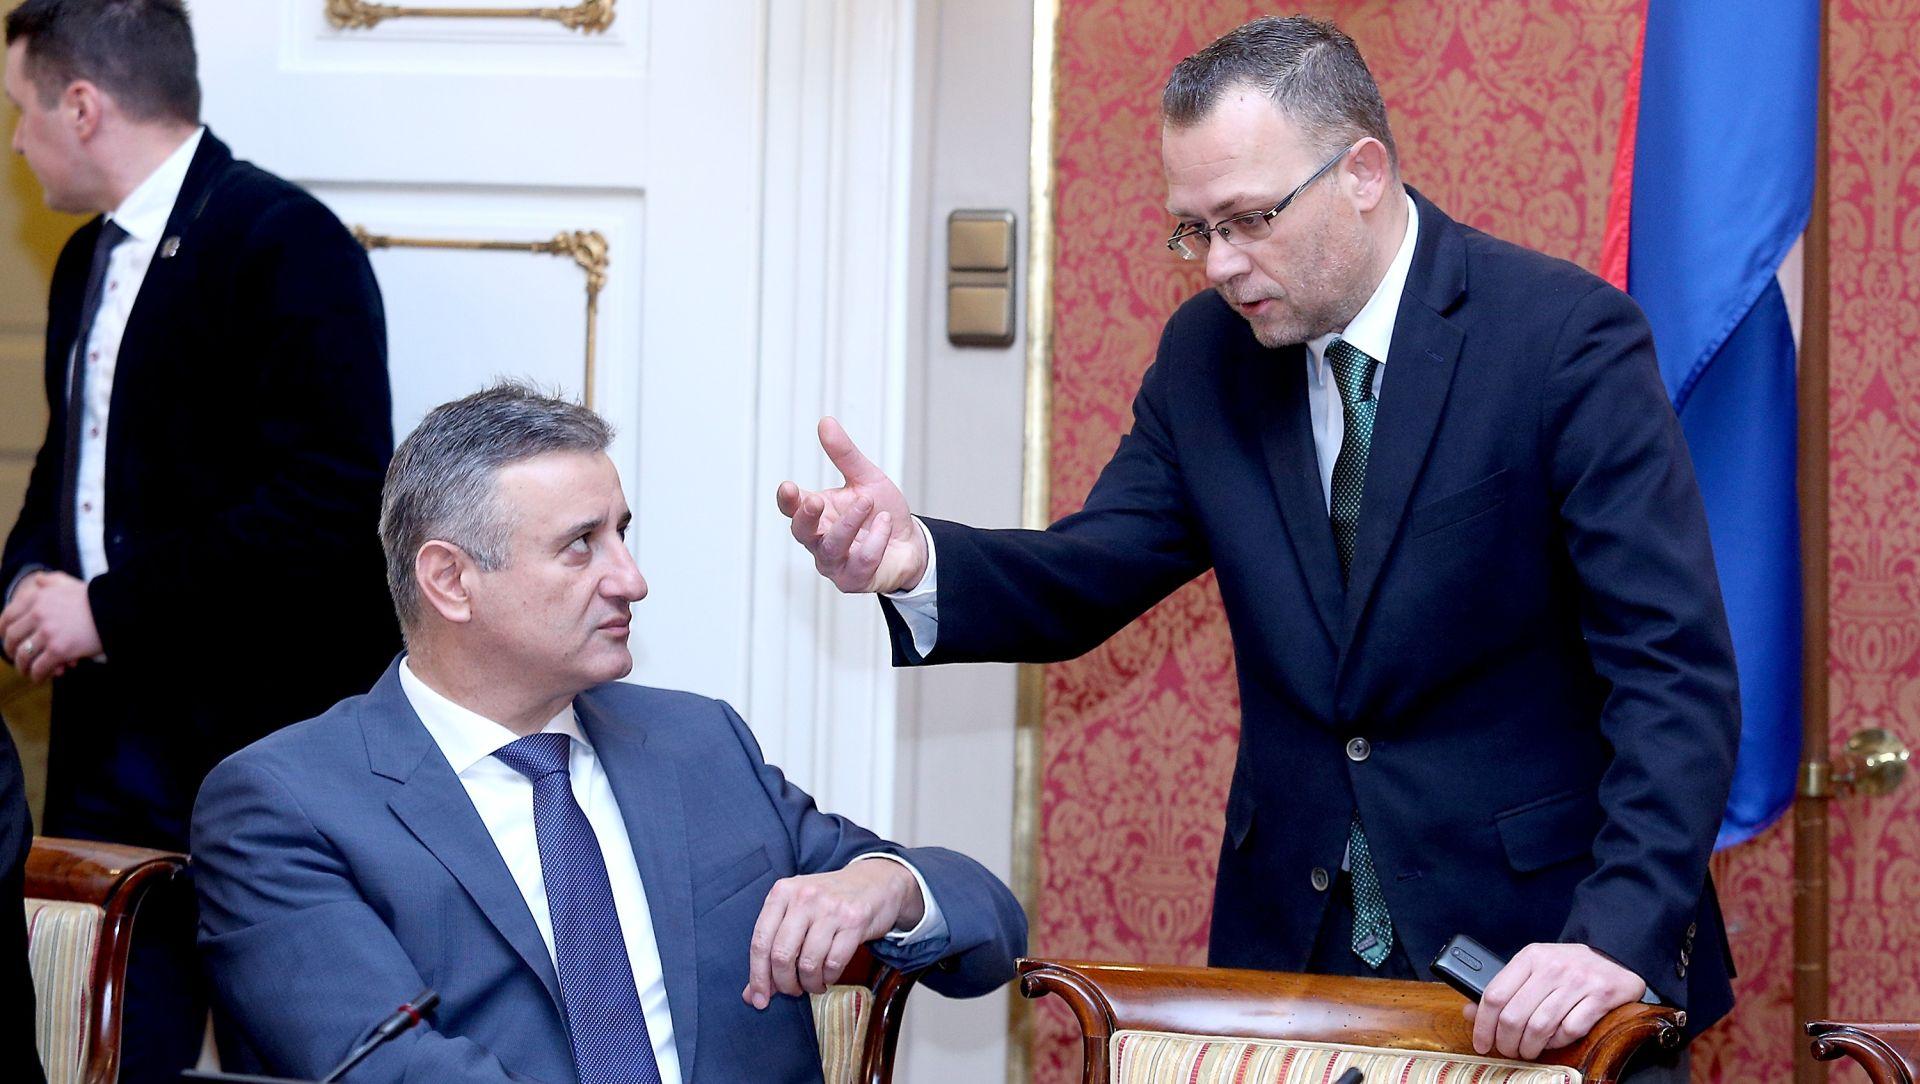 """KARAMARKO """"Hasanbegovićevo mjesto u Vladi je sigurno, sve je isfabricirano kao i s Crnojom"""""""